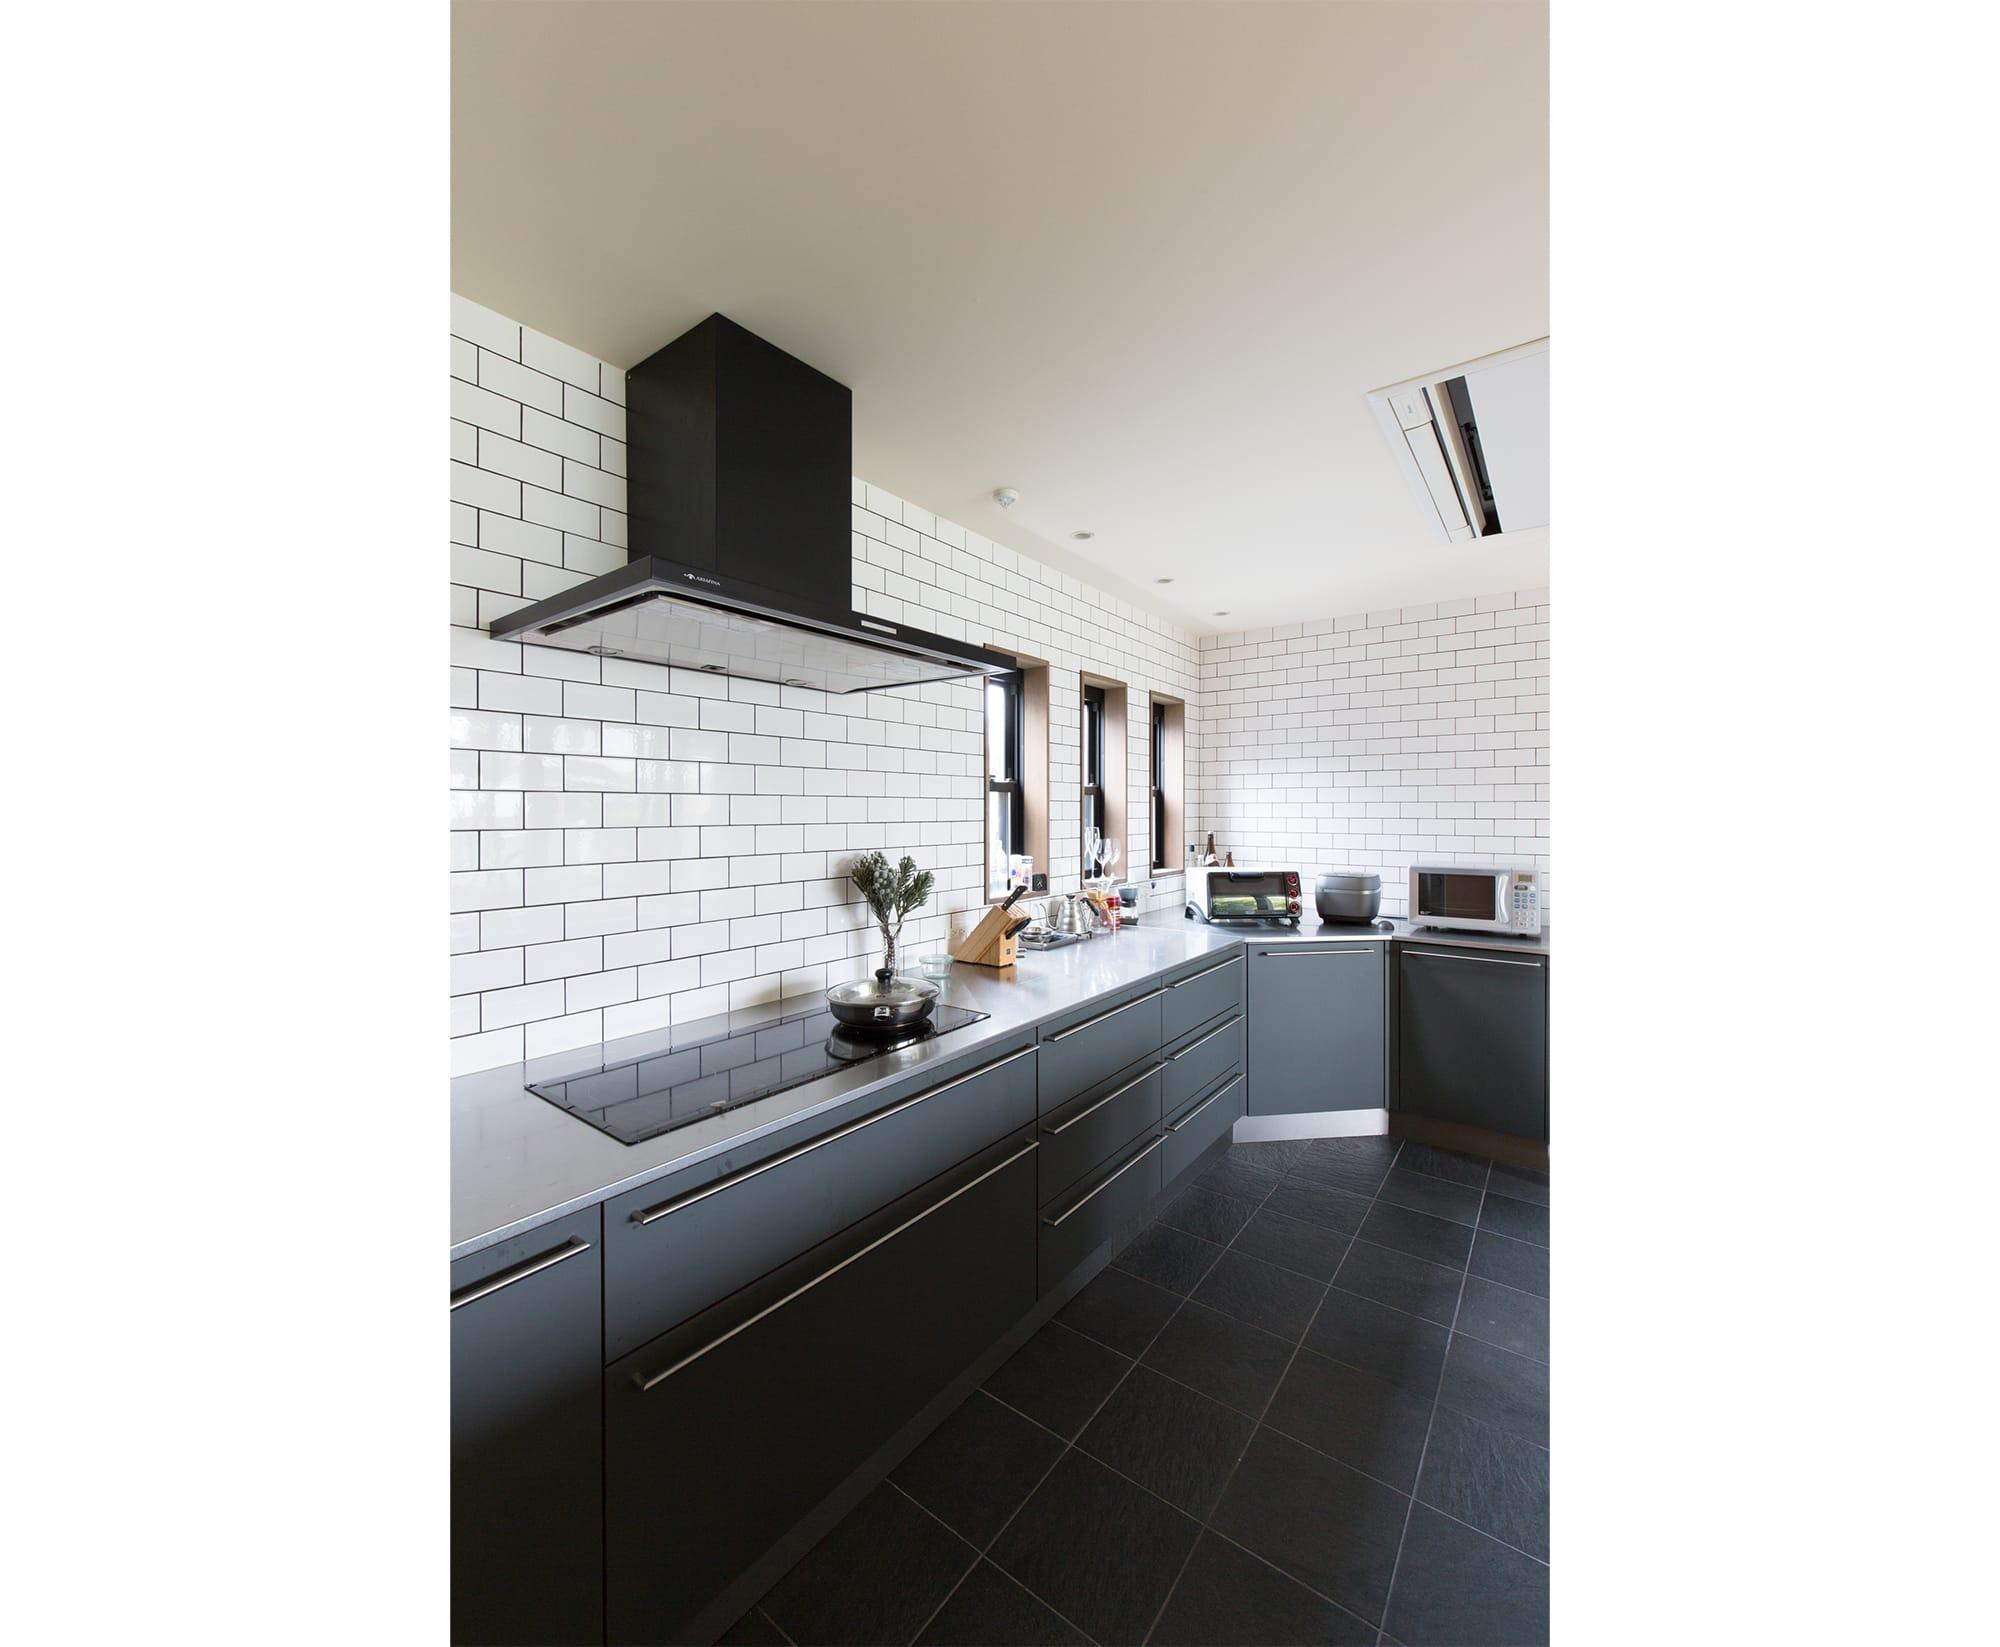 ダイニングスペースは木の温もりを大切にし、キッチンスペースはモノトーンですっきりとデザイン。 キッチン製作=インターテック /住宅=長縄貴人 Photography by Yoshiro Imai